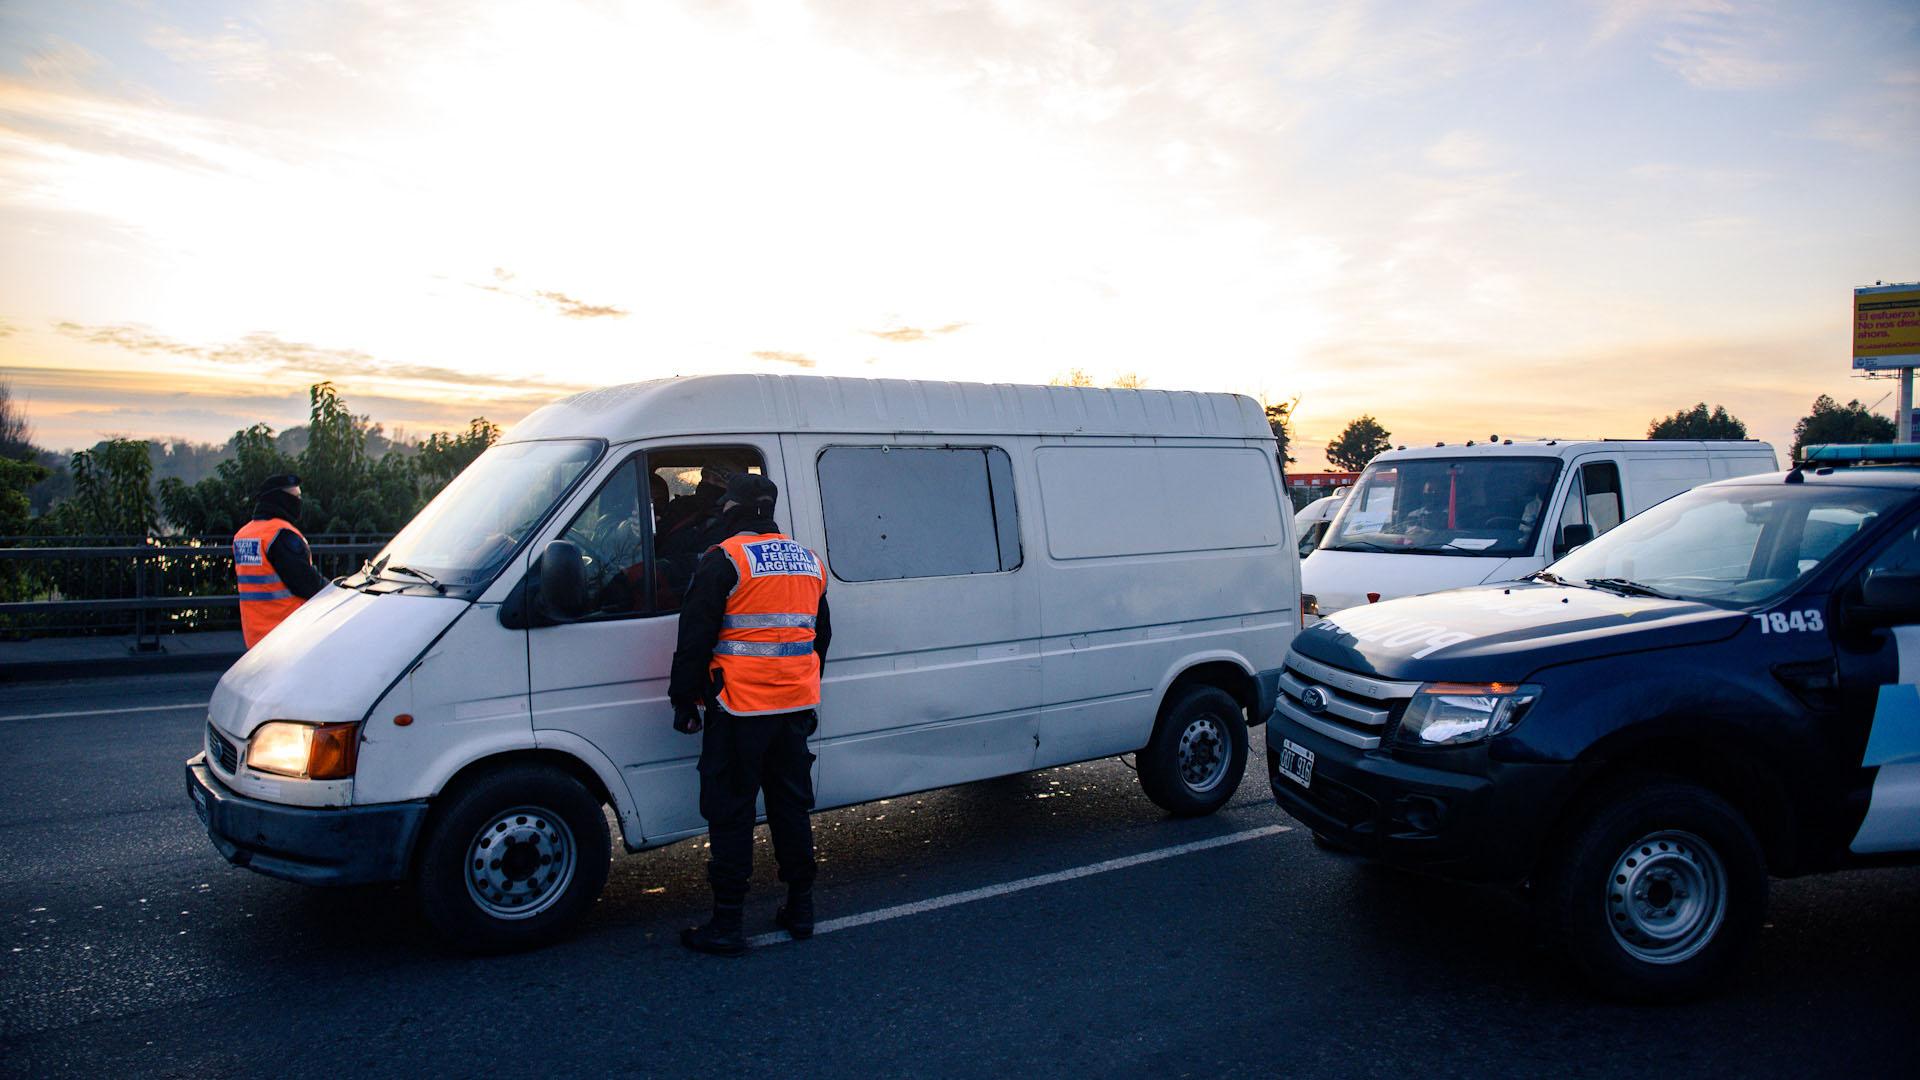 La Policía exige el permiso de circulación a los automovilistas. El miércoles comienza a regir un nuevo permiso cuyo trámite ya se encuentra disponible